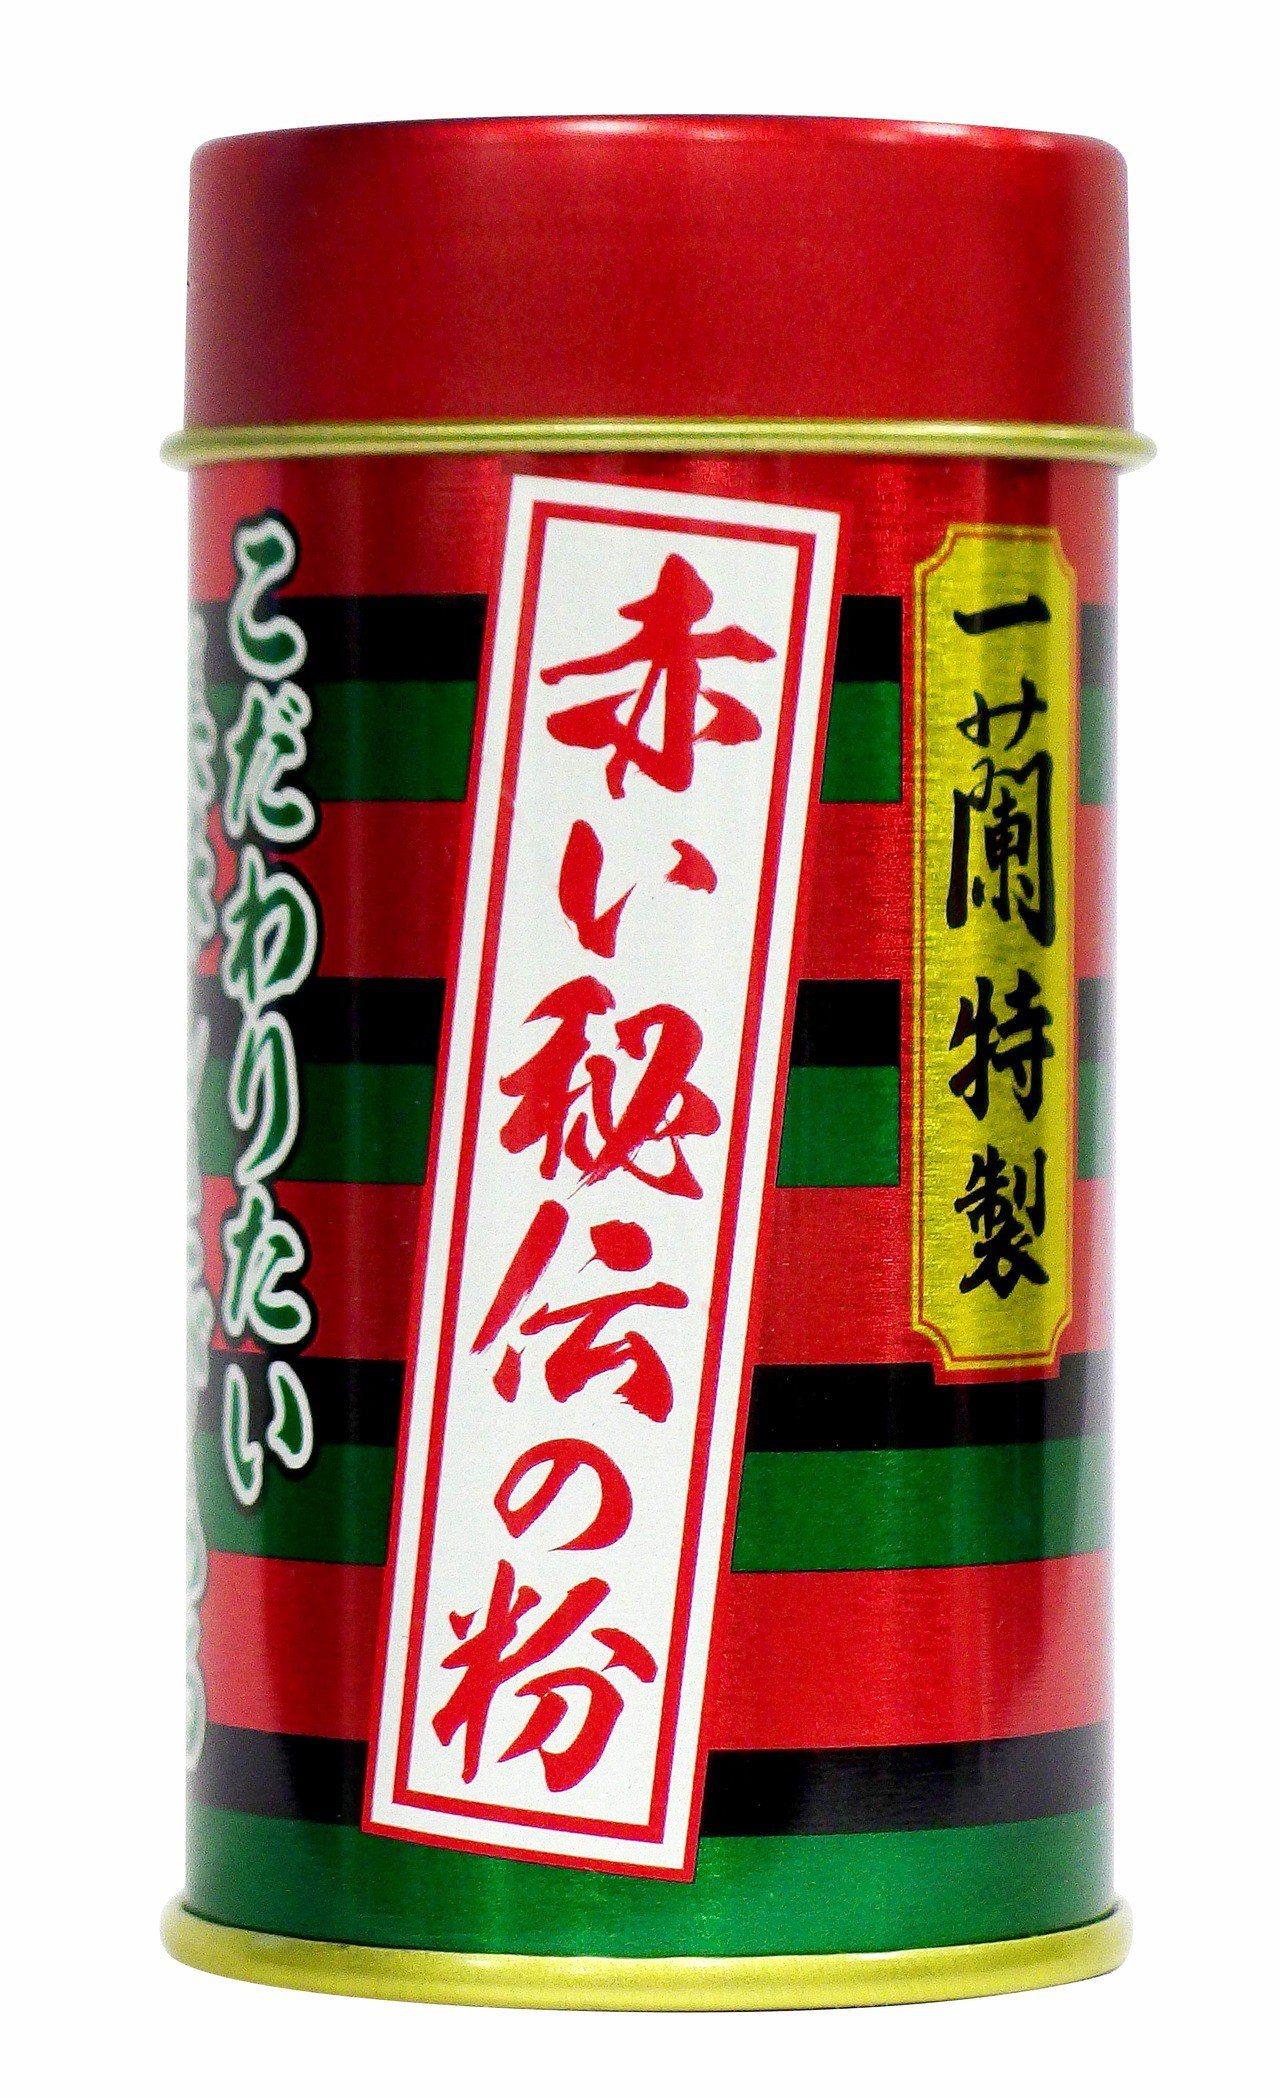 台灣直營店舖限定「赤紅秘製辣粉」售價340元(14g)。圖/台灣一蘭提供